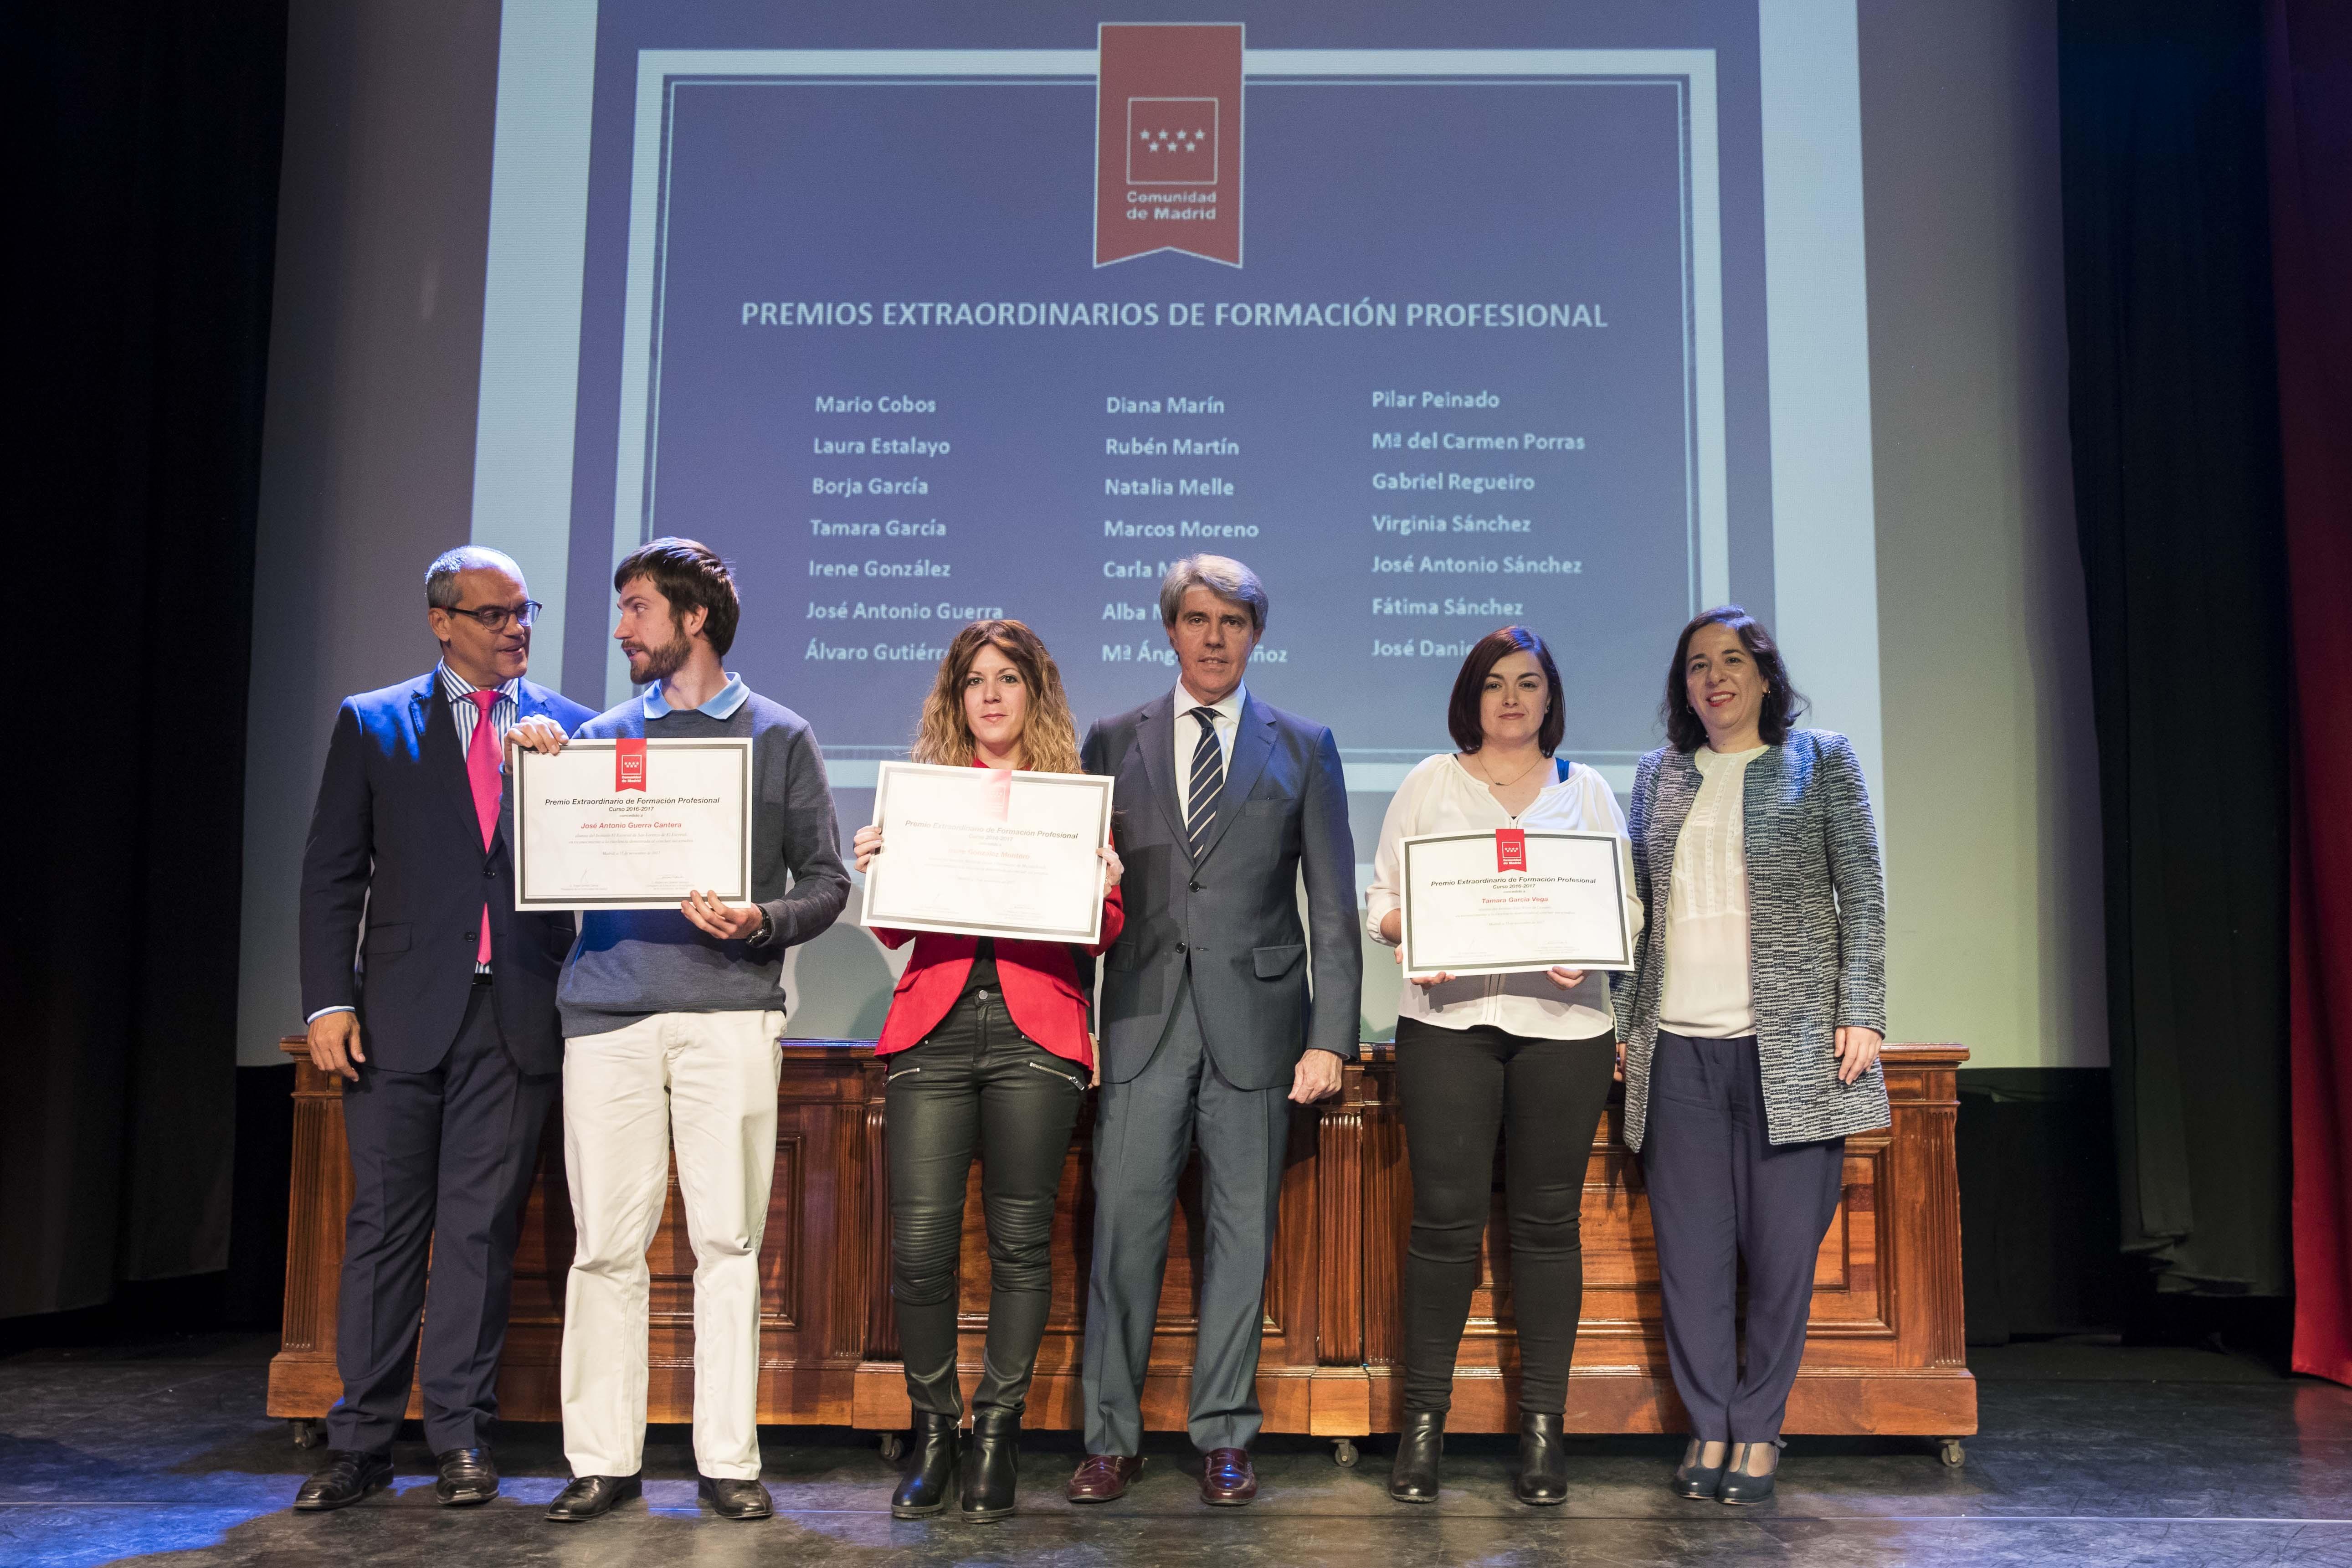 Entrega de los premios extraordinarios correspondientes al curso 2016/2017 22